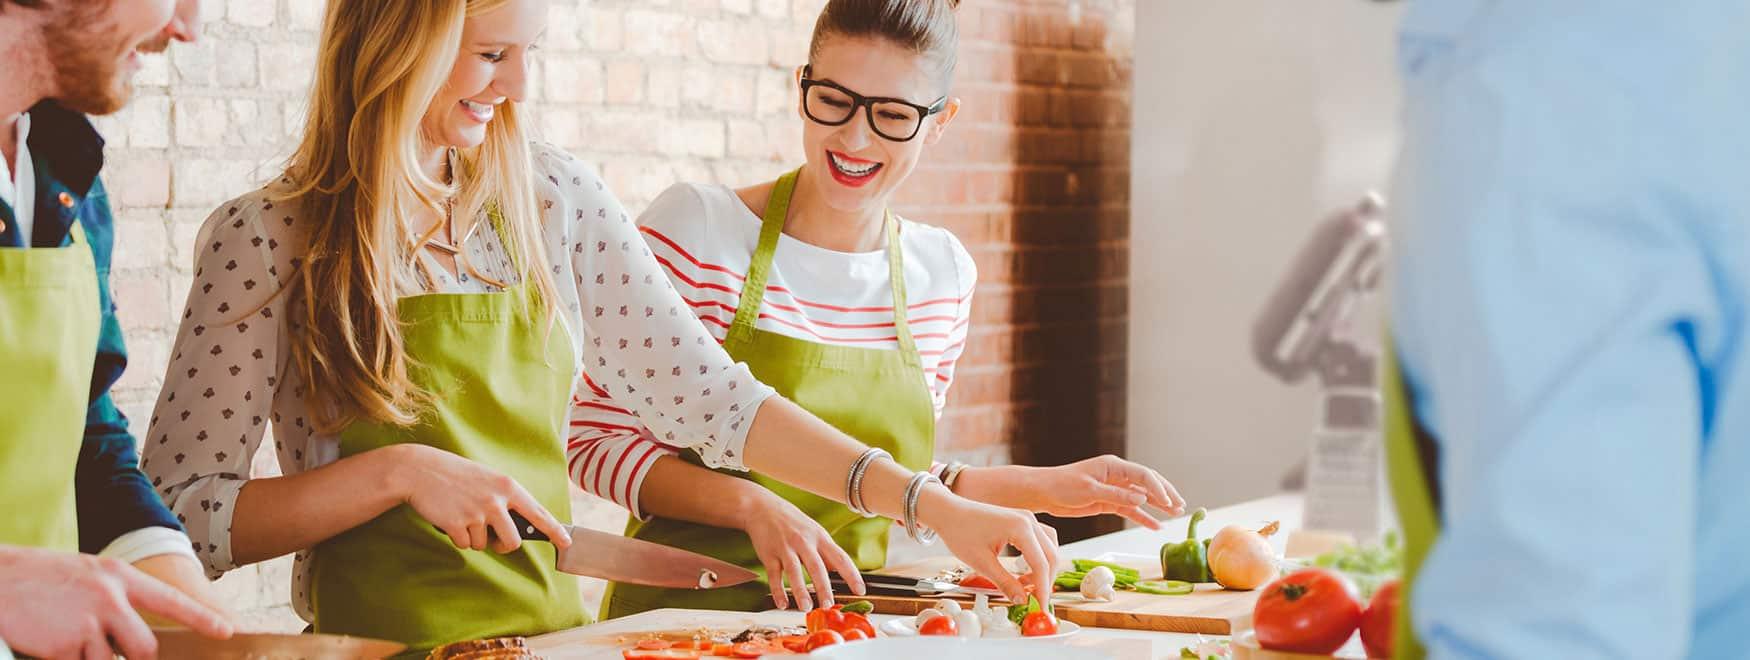 Cours Standard de Français + Cours de Cuisine à Montpellier